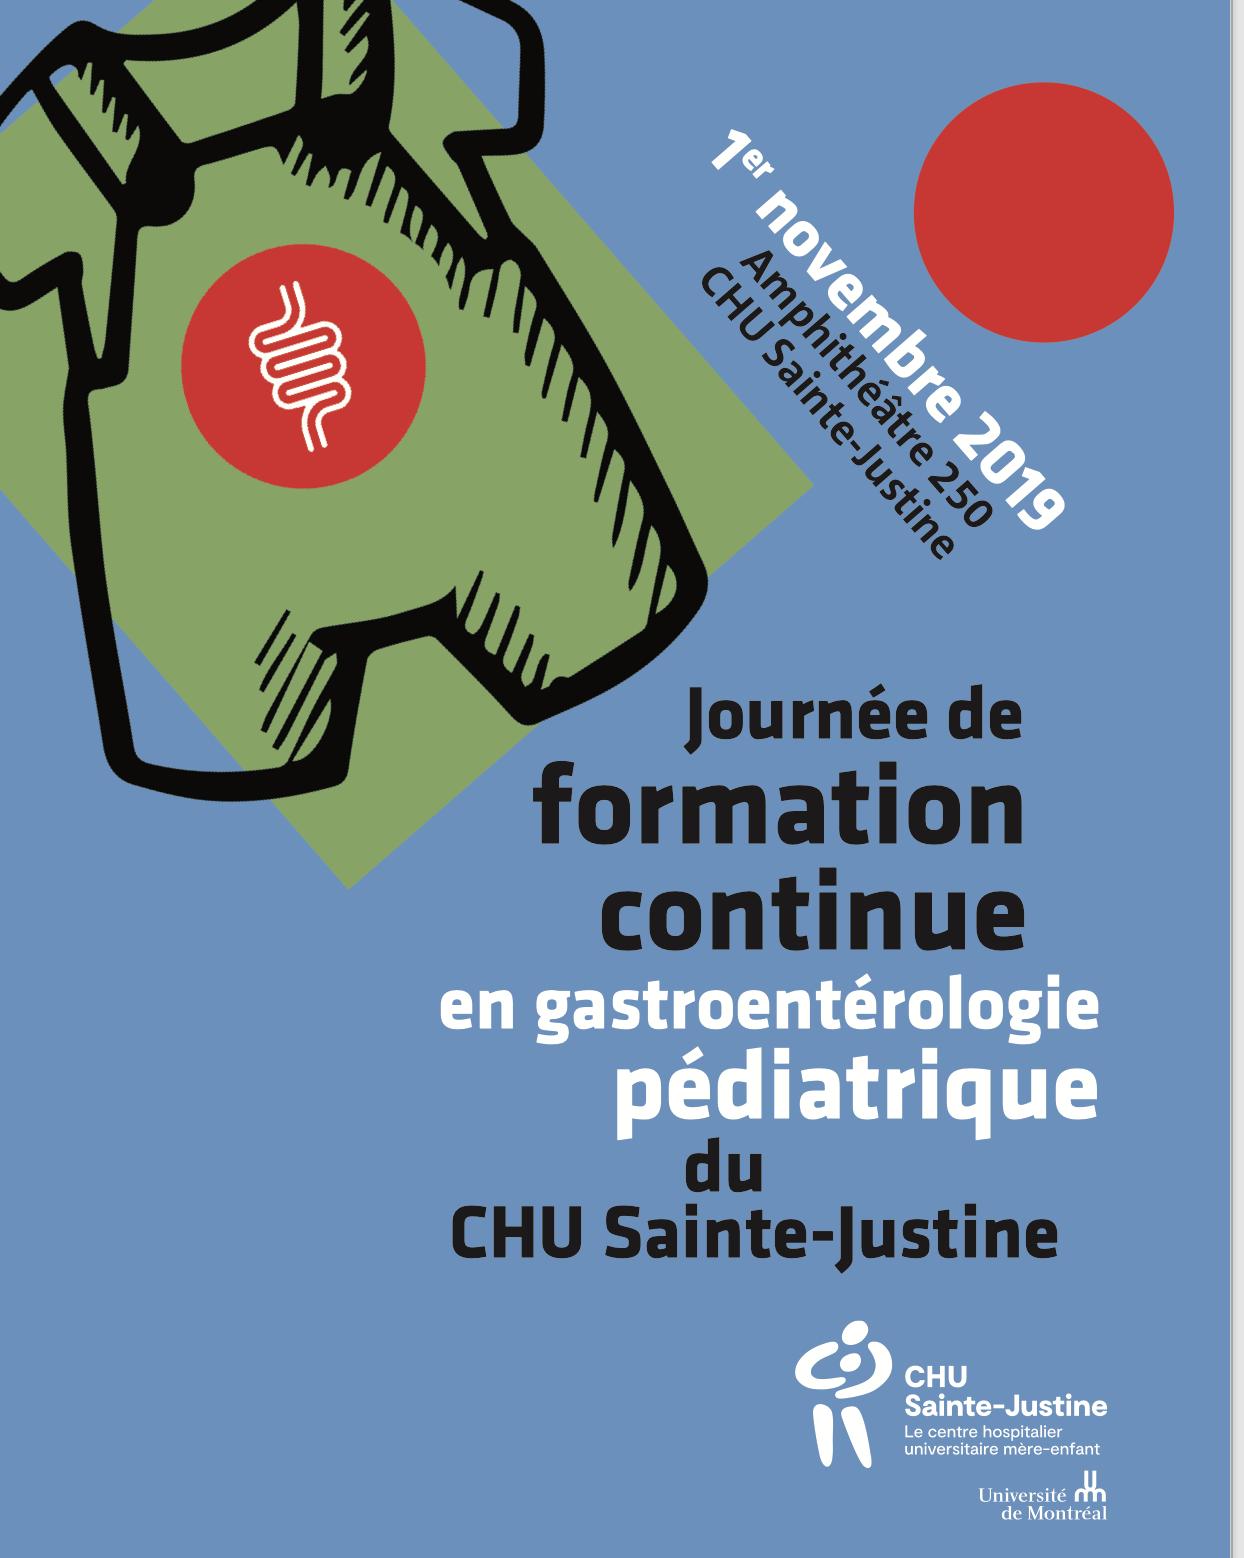 FMC gastro CHU Sainte-Justine 2019